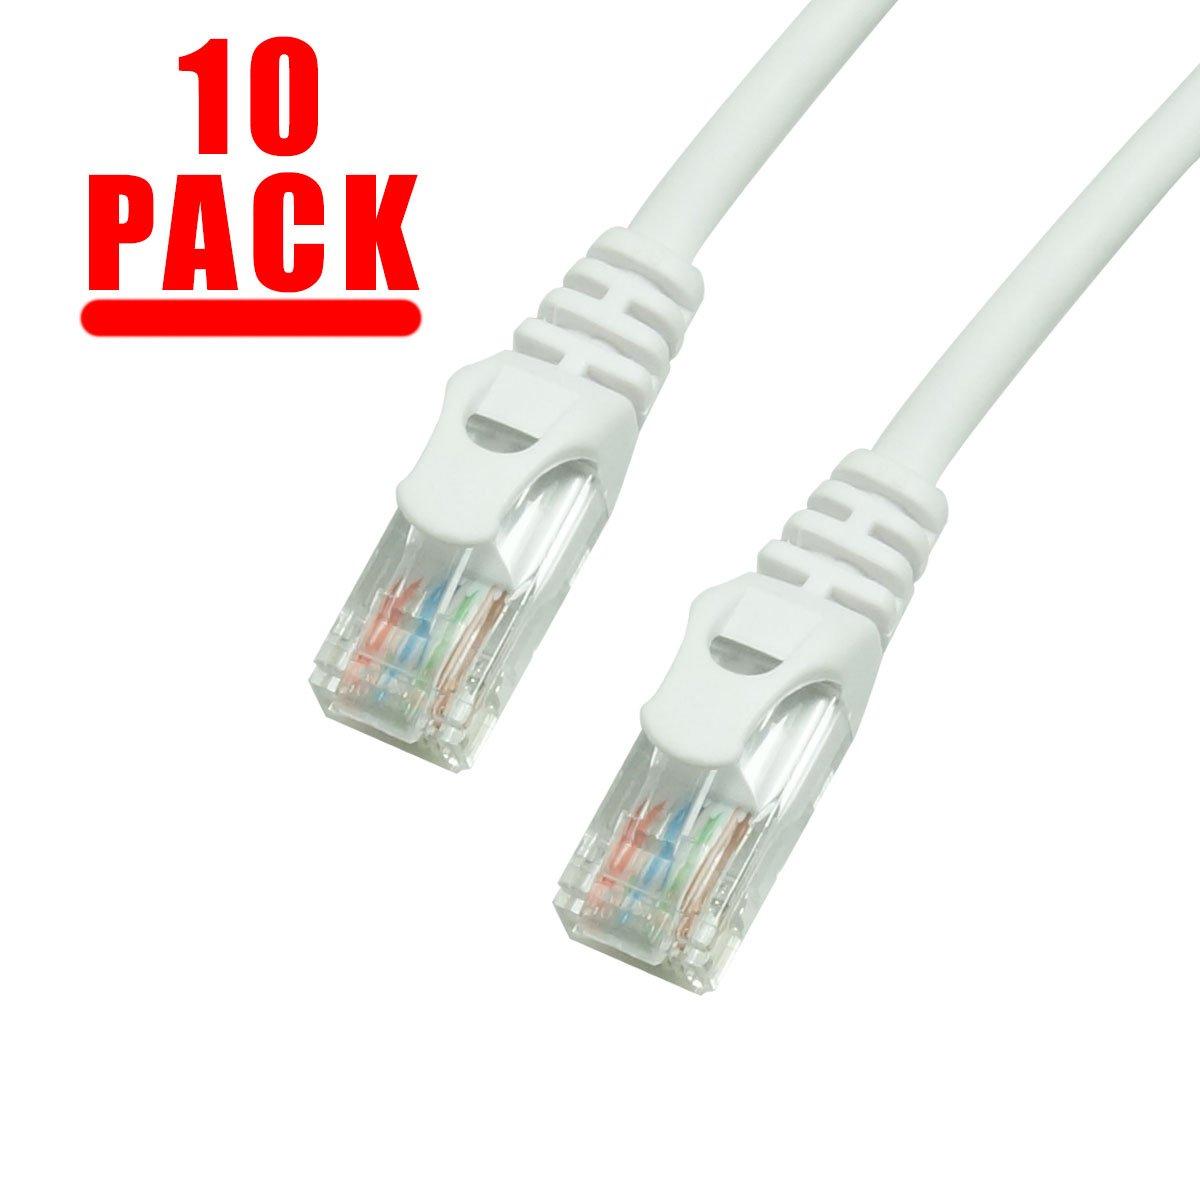 Grandmax 10 Pack - CAT5e, RJ45, 350MHz, UTP Ethernet Network Patch Cable Snagless/Molded Ferrari Boot/ 1FT/ White